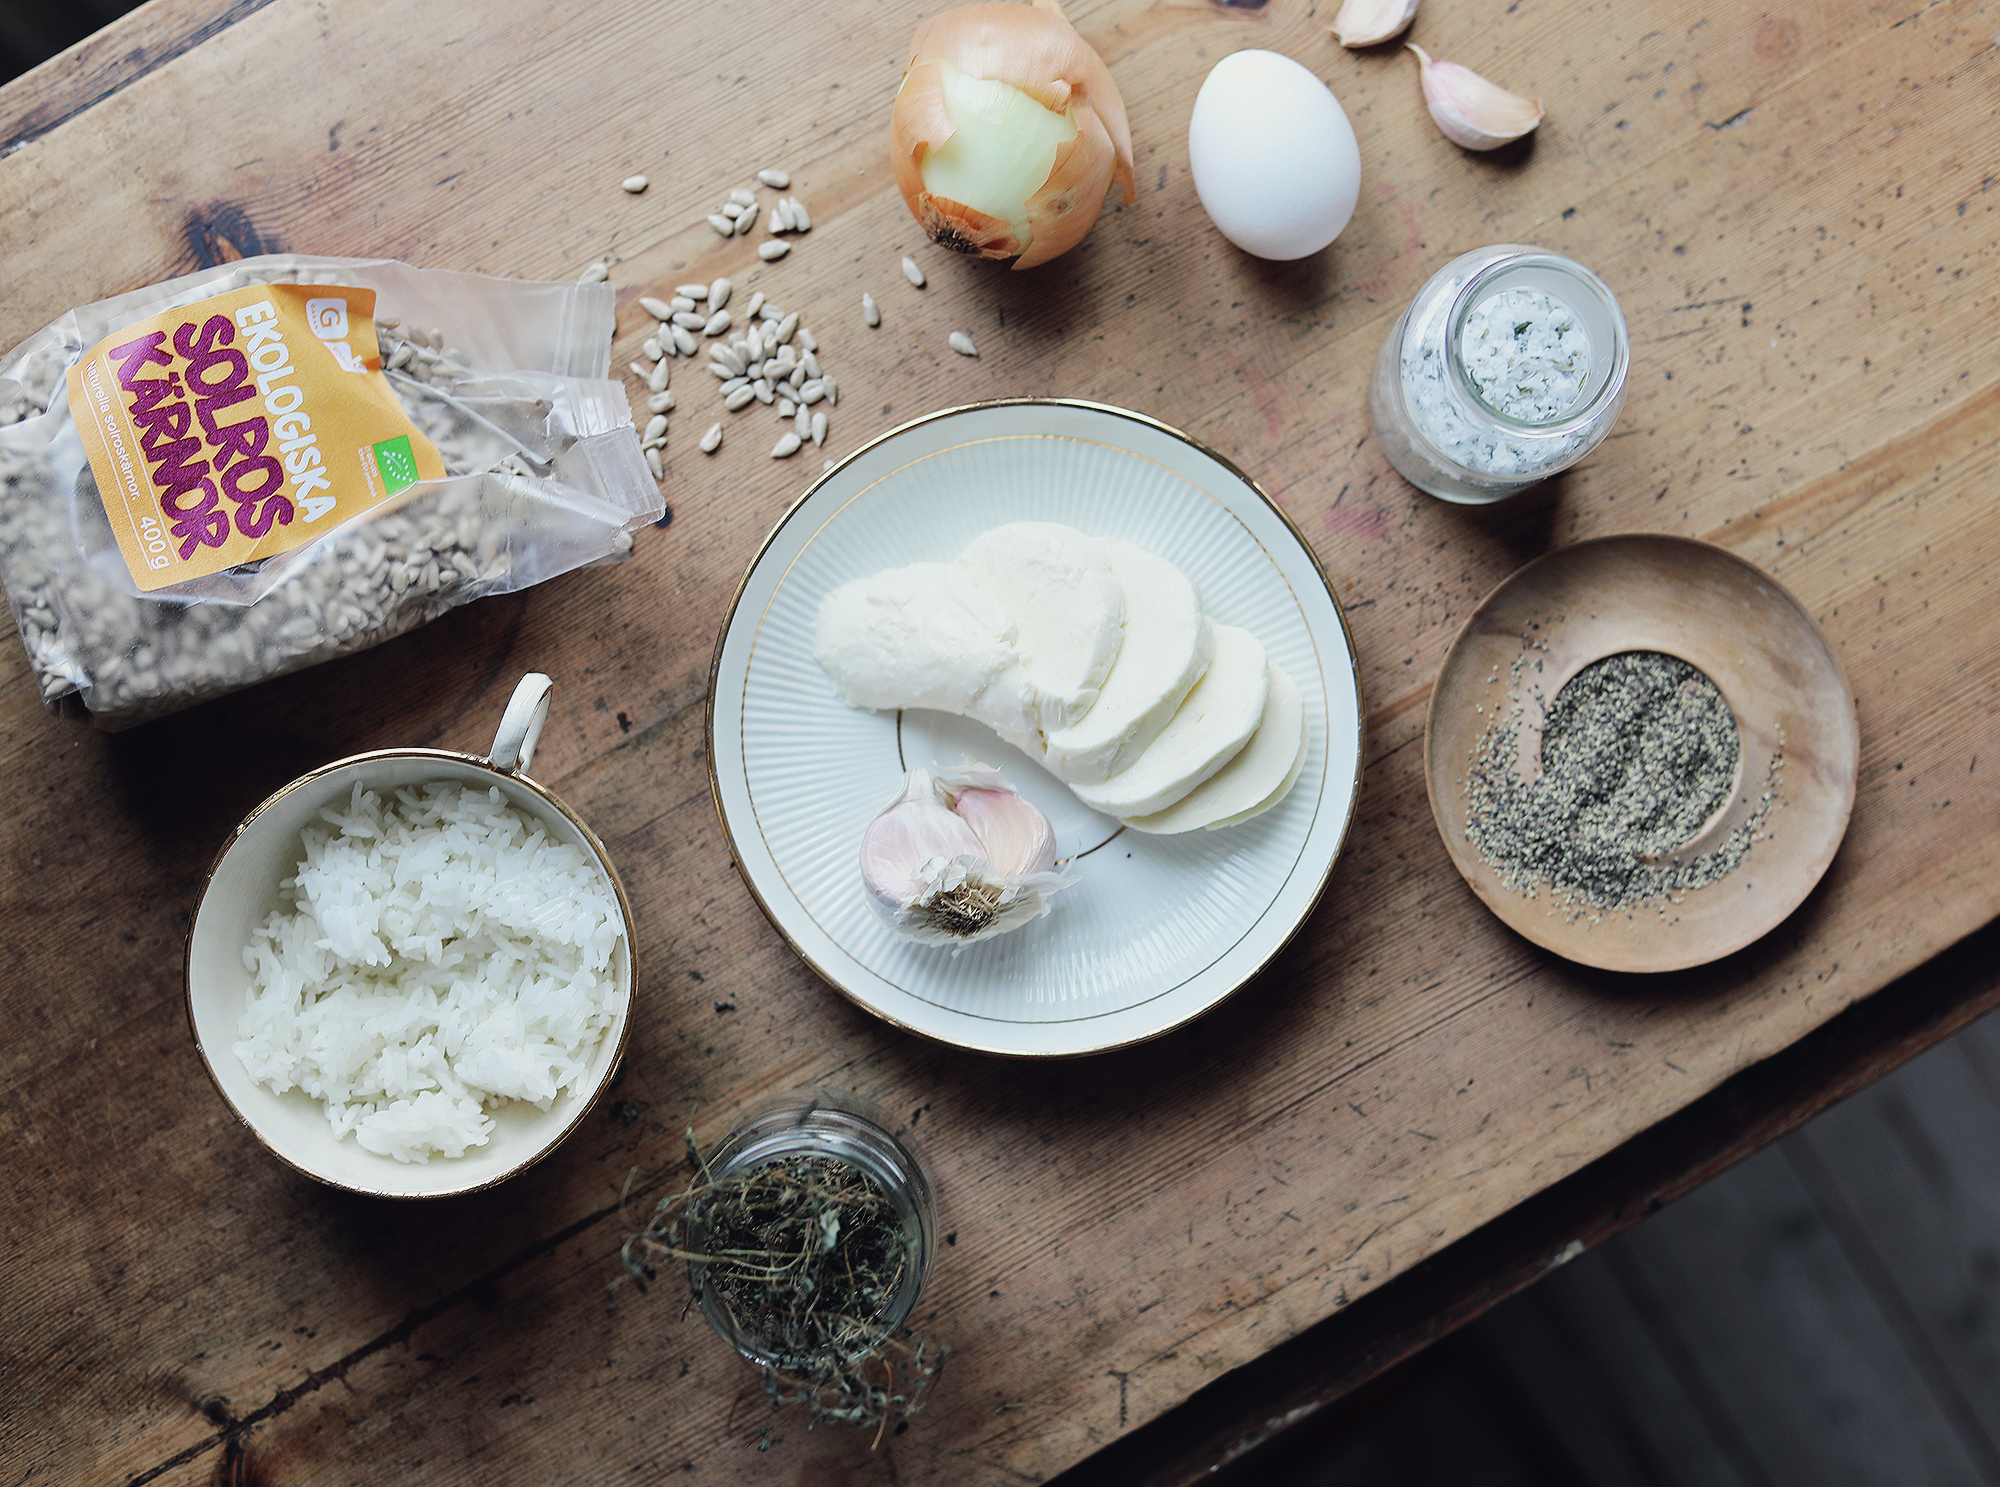 vegetariskt recept biffar grilla vegetariska solrosbiffar solrosfrön klyftpotatis lök  ingredienser by emmasvintage